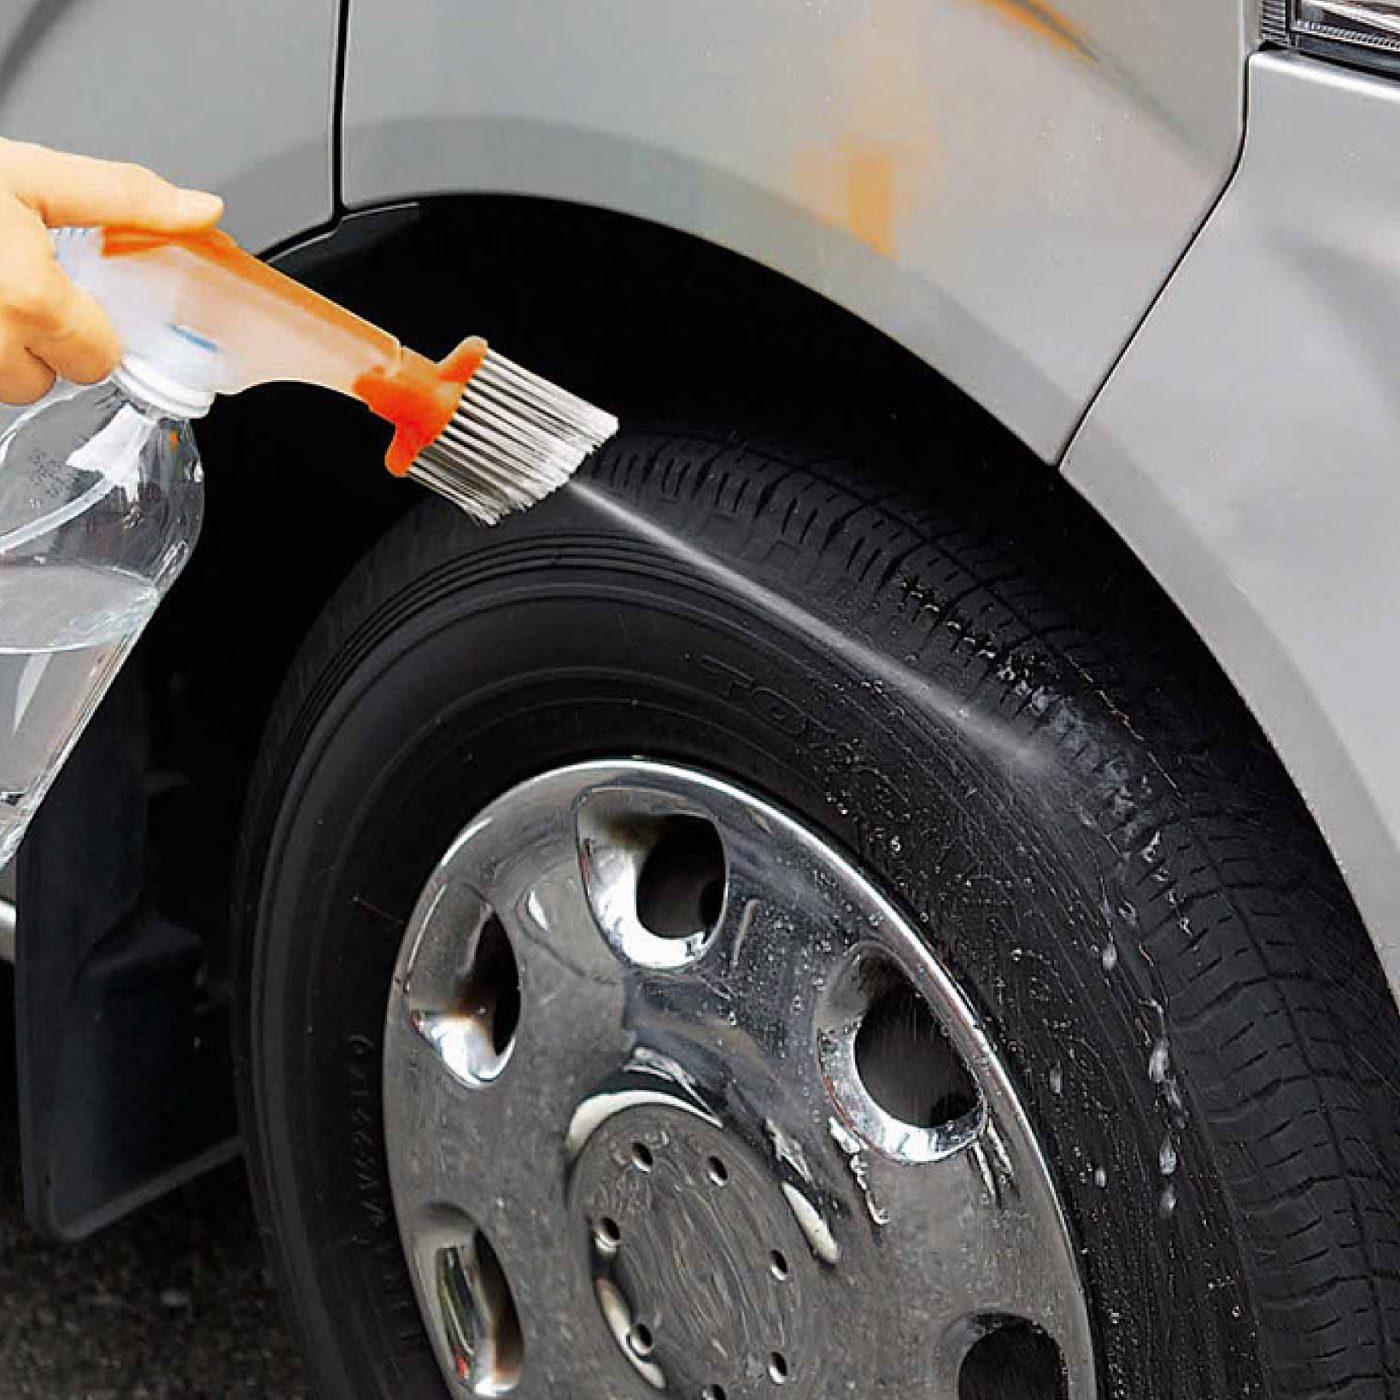 車のタイヤの泥汚れにプシュッと。